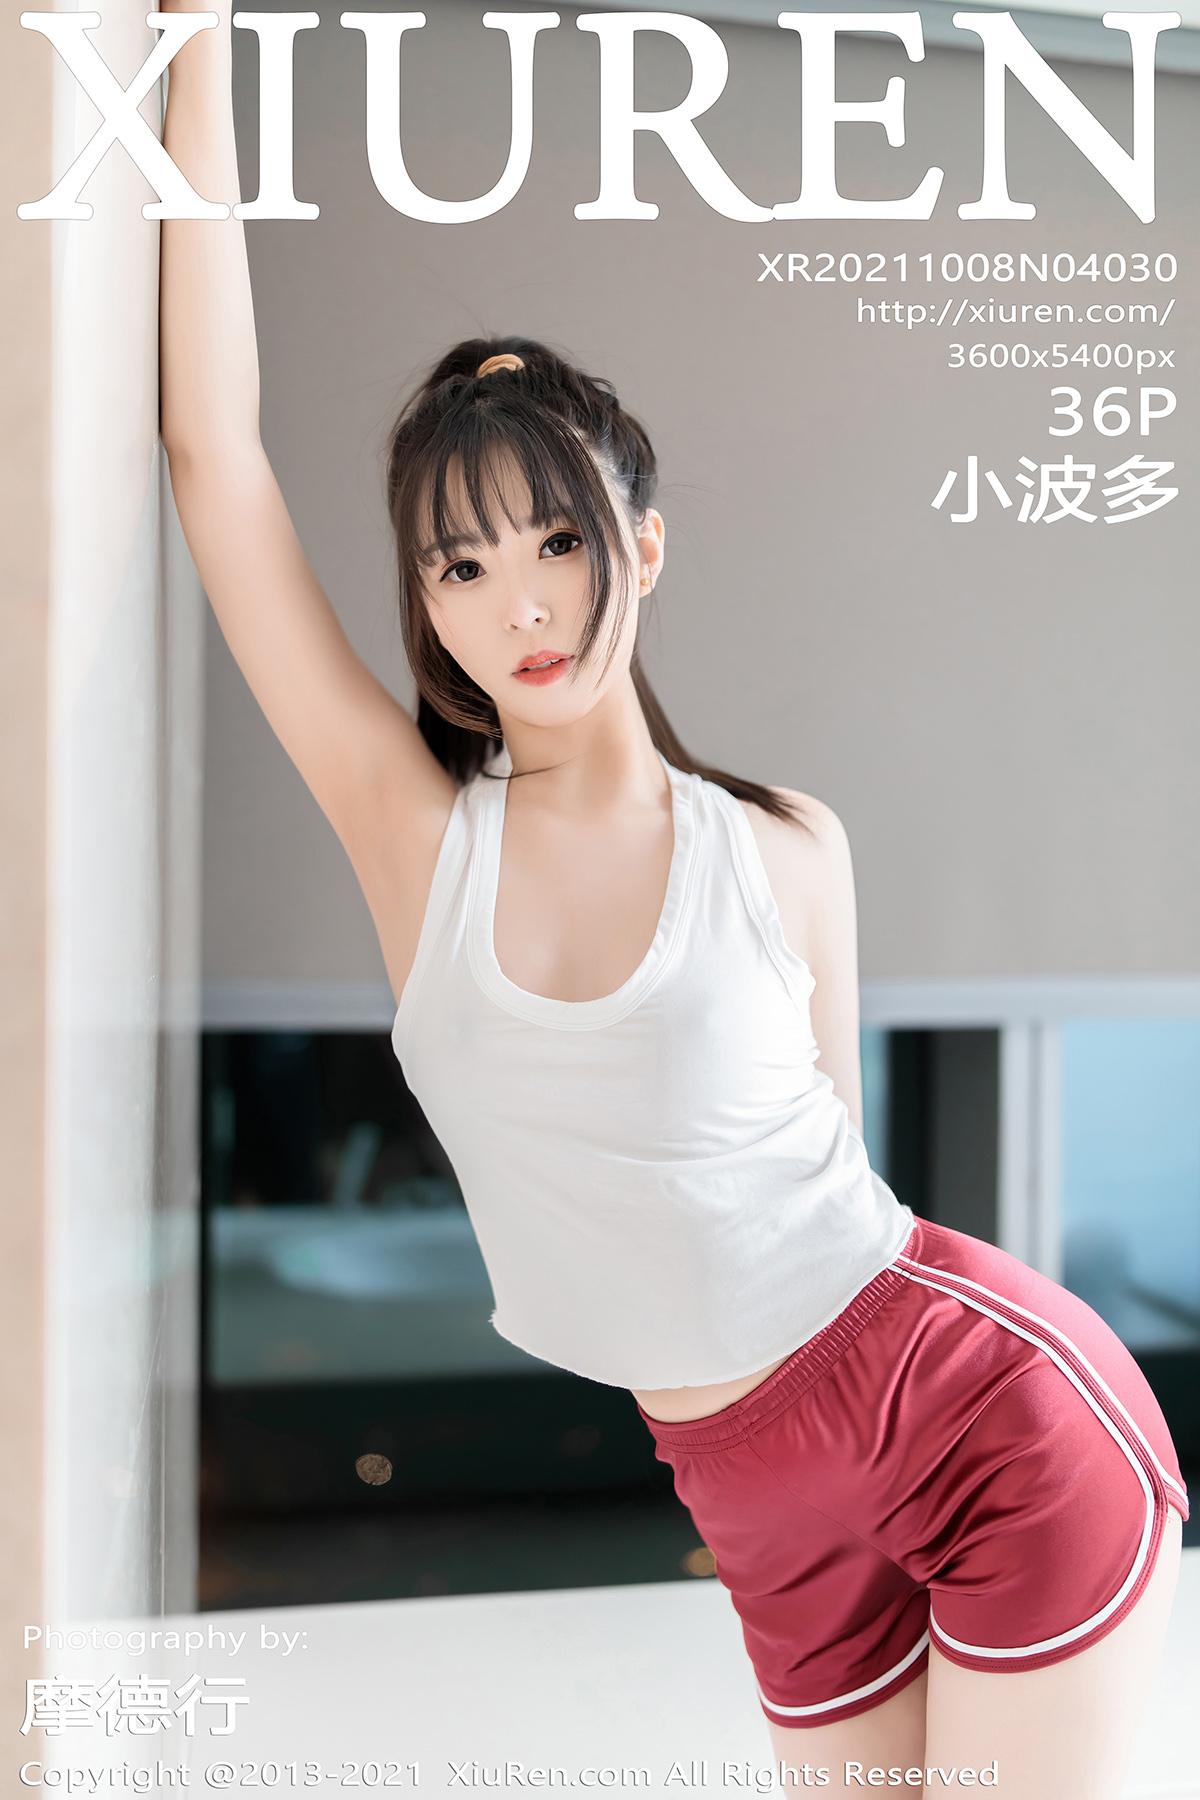 [XiuRen秀人網] 2021.10.08 No.4030 小波多 居家女友服飾系列 [36P] - 貼圖 - 清涼寫真 -